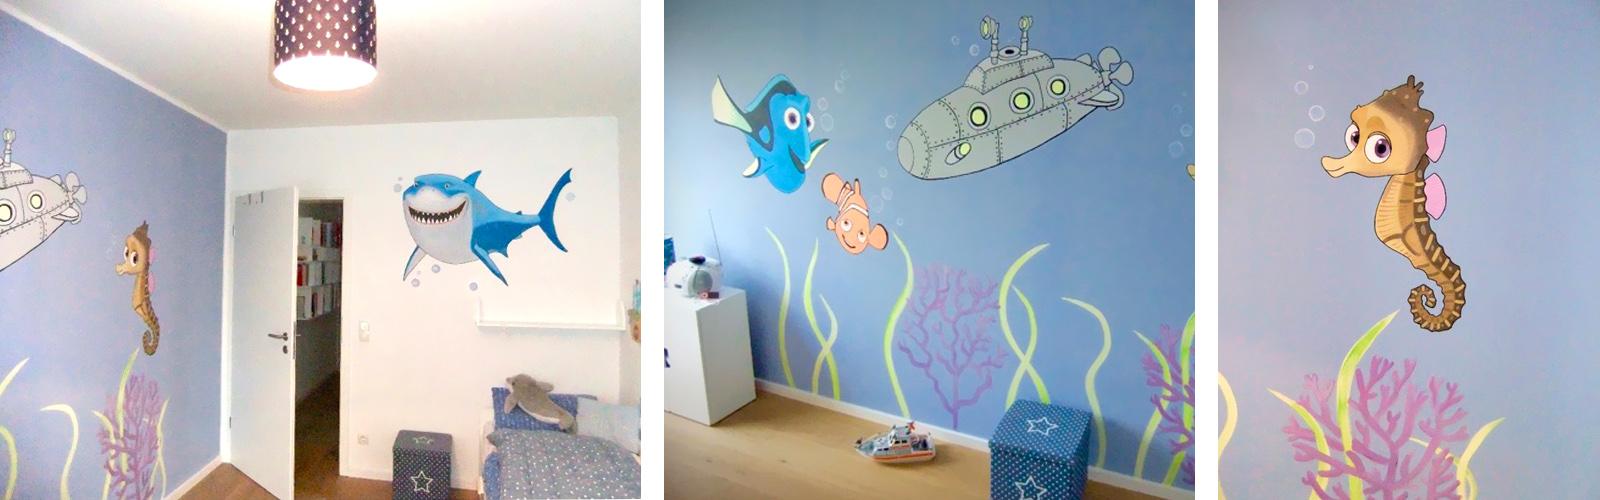 Kinderzimmer wandgestaltung giraffe  Sweetwall - Wunschmotive für Deine Wand. Wandmalerei für ...